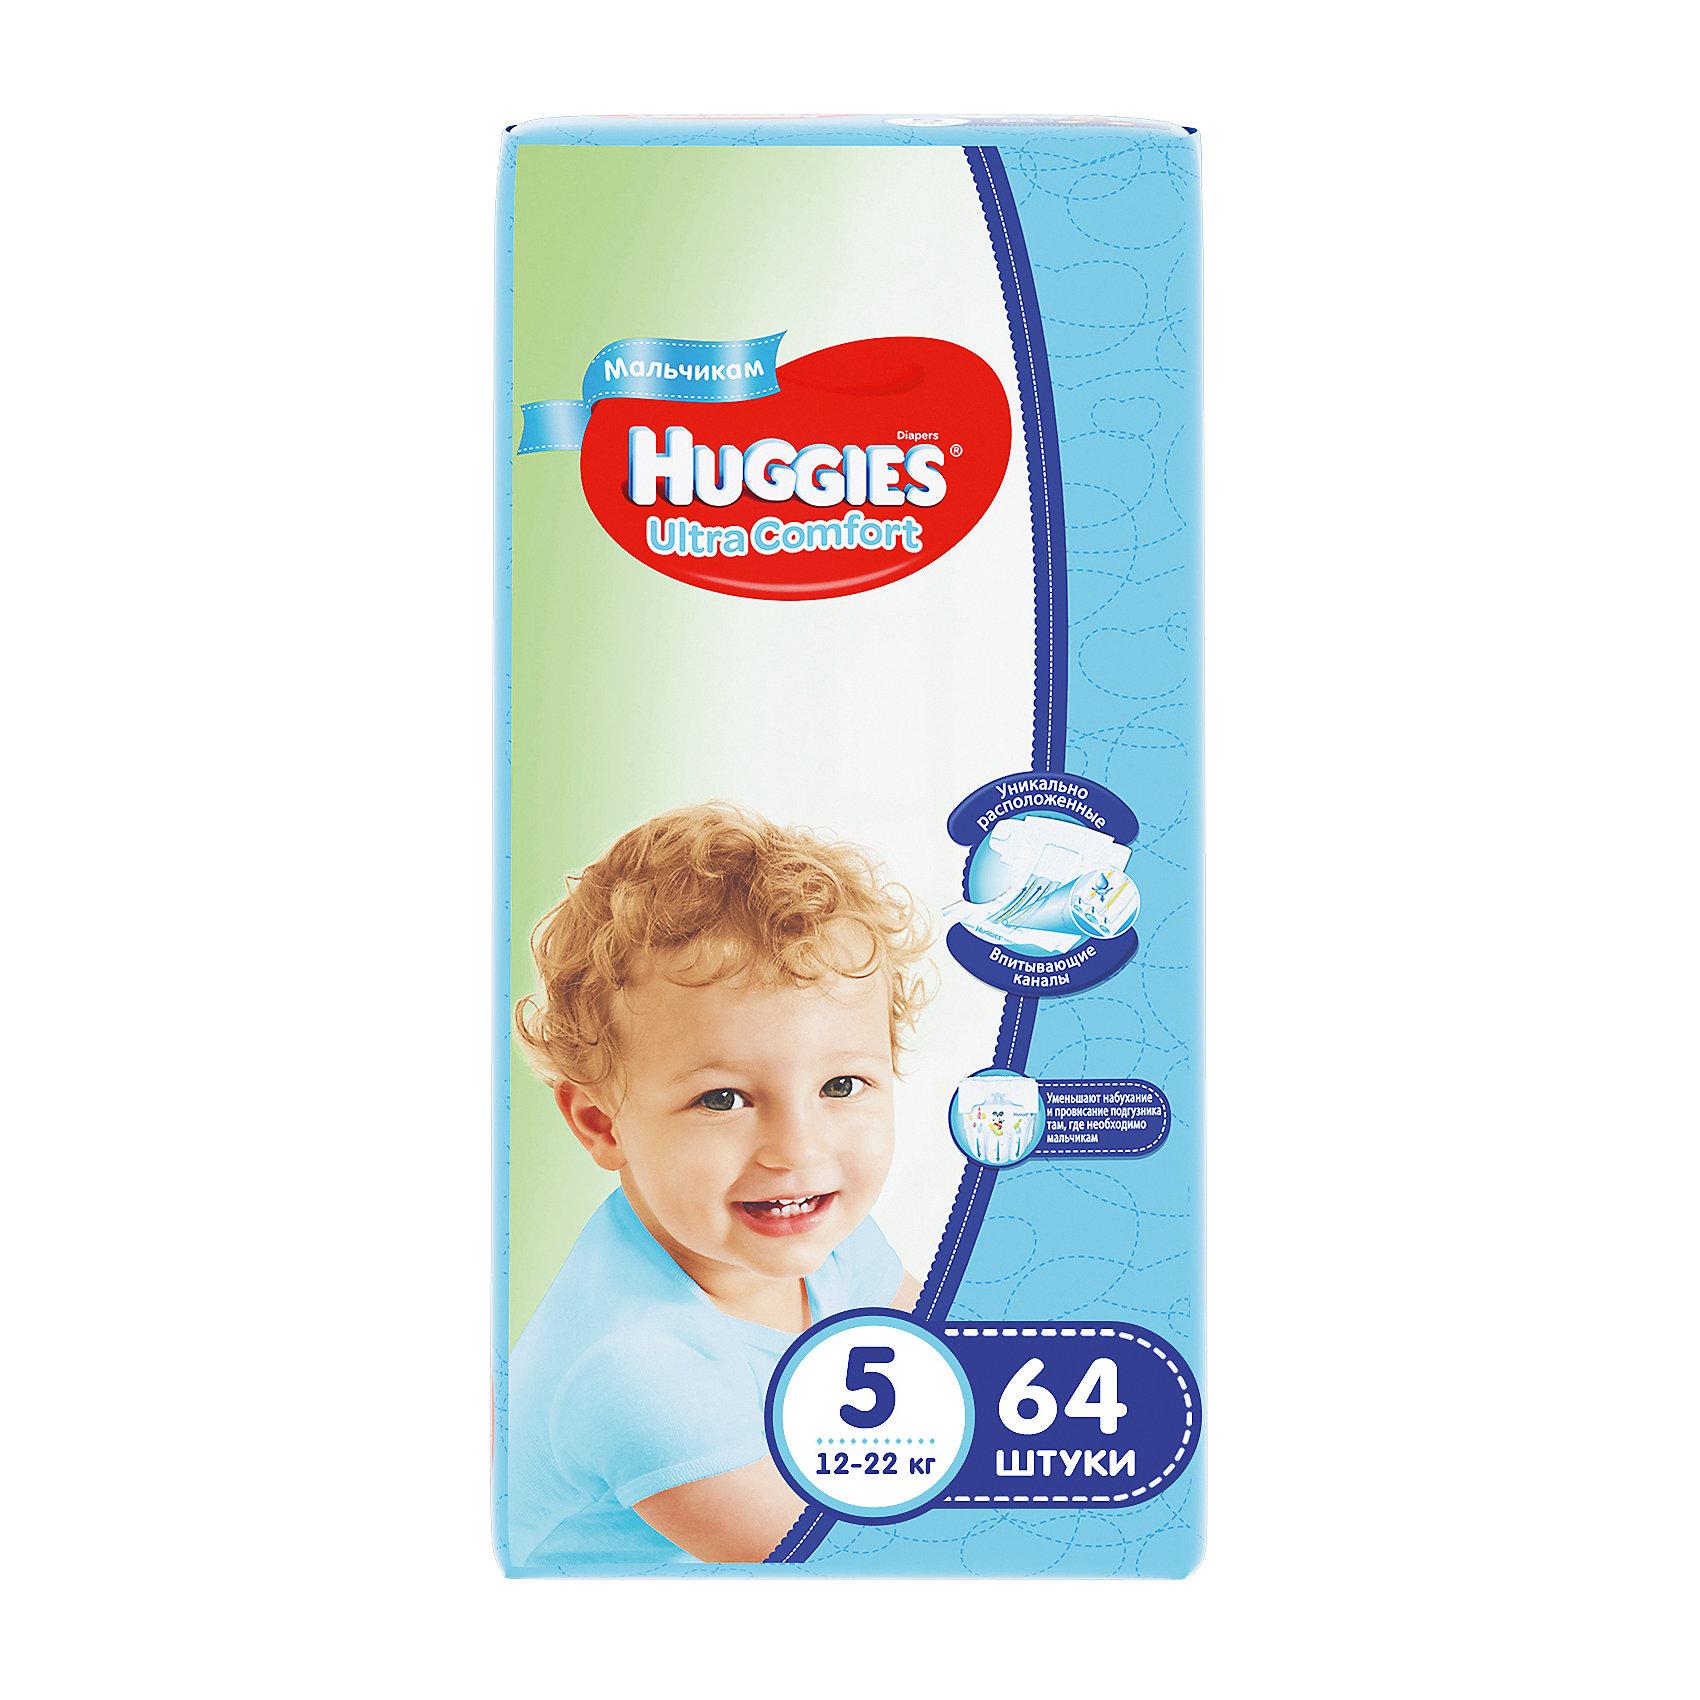 Подгузники Huggies Ultra Comfort 5 Giga Pack для мальчиков, 12-22 кг, 64 шт.Подгузники классические<br>С первых дней жизни мальчики и девочки такие разные.<br><br>Новые подгузники Huggies Ultra Comfort созданы специально для мальчиков и специально для девочек. Для лучшего впитывания распределяющий слой в этих подгузниках расположен там, где это нужнее всего: по центру для девочек и выше для мальчиков. Huggies Ultra Comfort изготовлены из мягких материалов с микропорами, которые позволяют коже «дышать». Специальные тянущиеся застежки с закругленными краями надежно фиксируют подгузник, а широкий суперэластичный поясок позволяет малышам свободно двигаться.<br><br>Ключевые преимущества новых Huggies Ultra Comfort:<br><br>- Широкий суперэластичный поясок помогает надежно фиксировать подгузник по спинке малыша и защищать кожу от натирания<br>- Анатомическая форма. Изогнутые резиночки повторяют анатомическую форму подгузника, помогая защитить от натирания между ножками <br>- Ультра мягкий внутренний слой по всей длине подгузника оберегает кожу малыша.<br>- Специально разработанный слой Dry Touch впитывает за секунды и помогает запереть влагу внутри.<br>- Яркие эксклюзивные подгузники c дизайном от Disney подчеркивают индивидуальность маленьких модников и модниц.<br><br>Huggies Ultra Comfort для мальчиков и для девочек — потому что они такие разные.<br><br>Дополнительная информация:<br><br>Для мальчиков.<br>Размер: 5, 12-22 кг.<br>В упаковке: 64 шт.<br><br>Подгузники Huggies Ultra Comfort для мальчиков Giga Pack (5) 12-22 кг, 64 шт. можно купить в нашем интернет-магазине.<br><br>Ширина мм: 480<br>Глубина мм: 265<br>Высота мм: 107<br>Вес г: 2688<br>Возраст от месяцев: 12<br>Возраст до месяцев: 72<br>Пол: Мужской<br>Возраст: Детский<br>SKU: 3361323